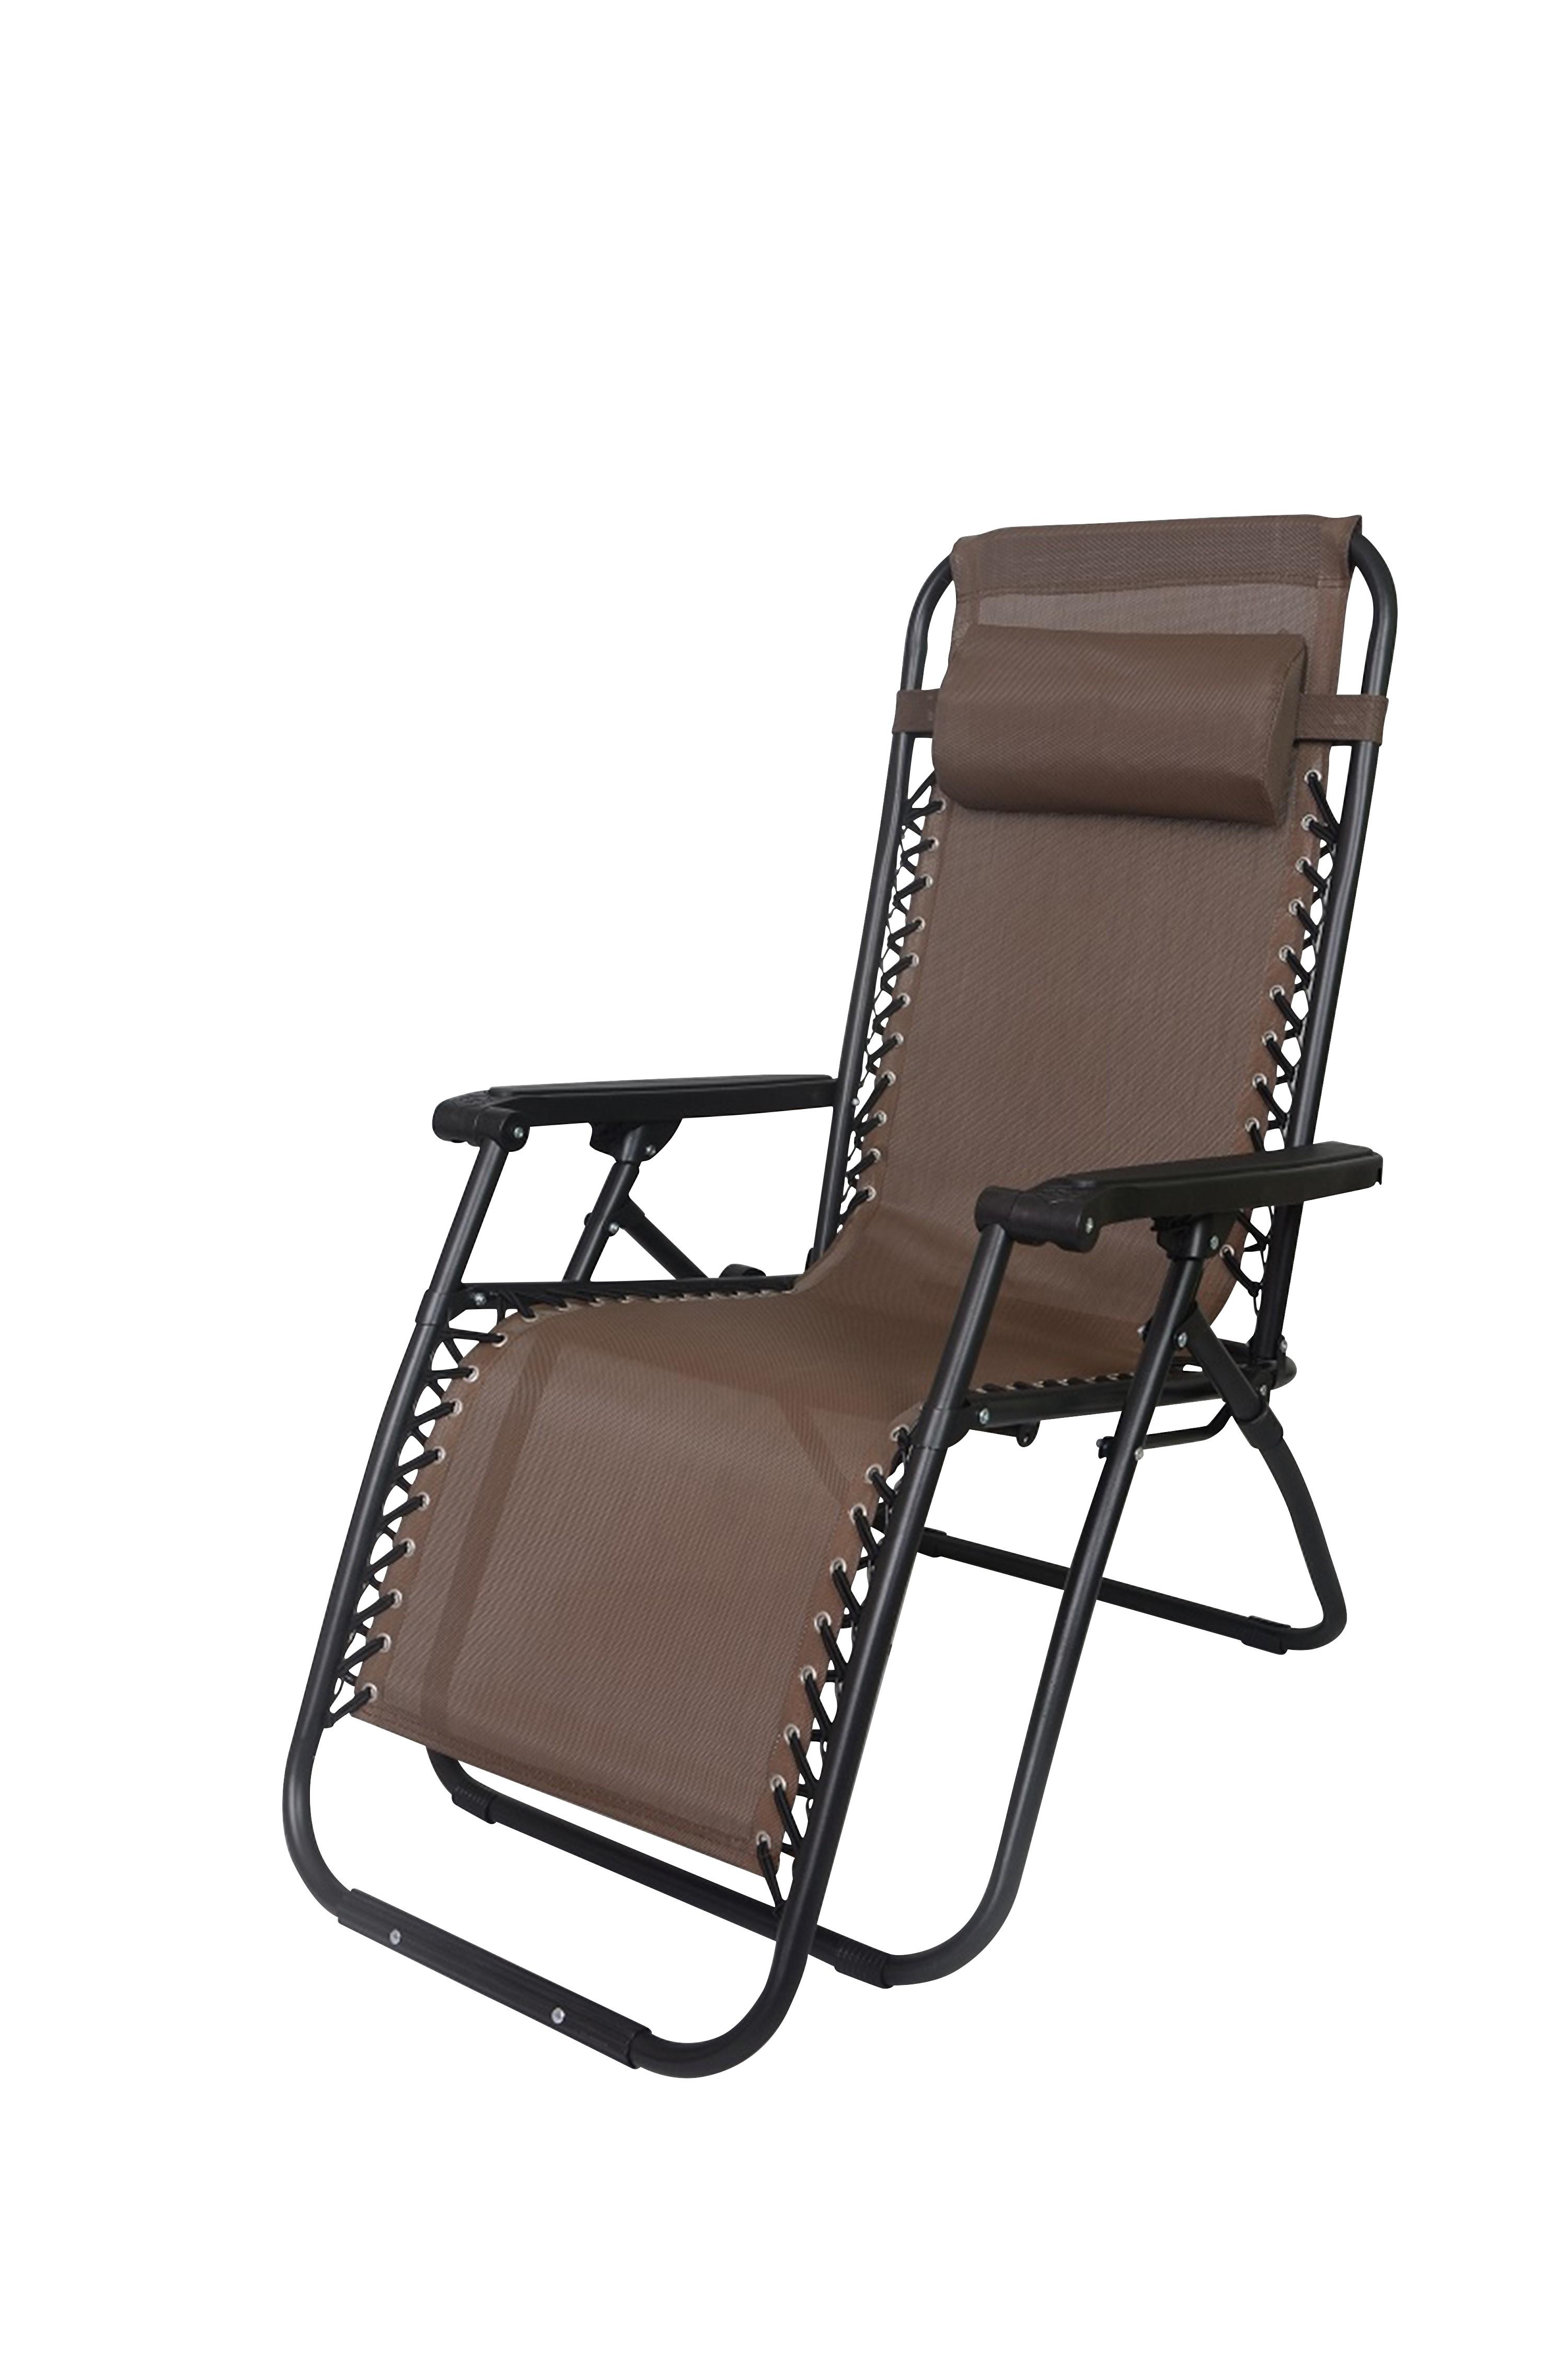 2x Zero Gravity Reclining Deck Lounge Sun Beach Chair Outdoor